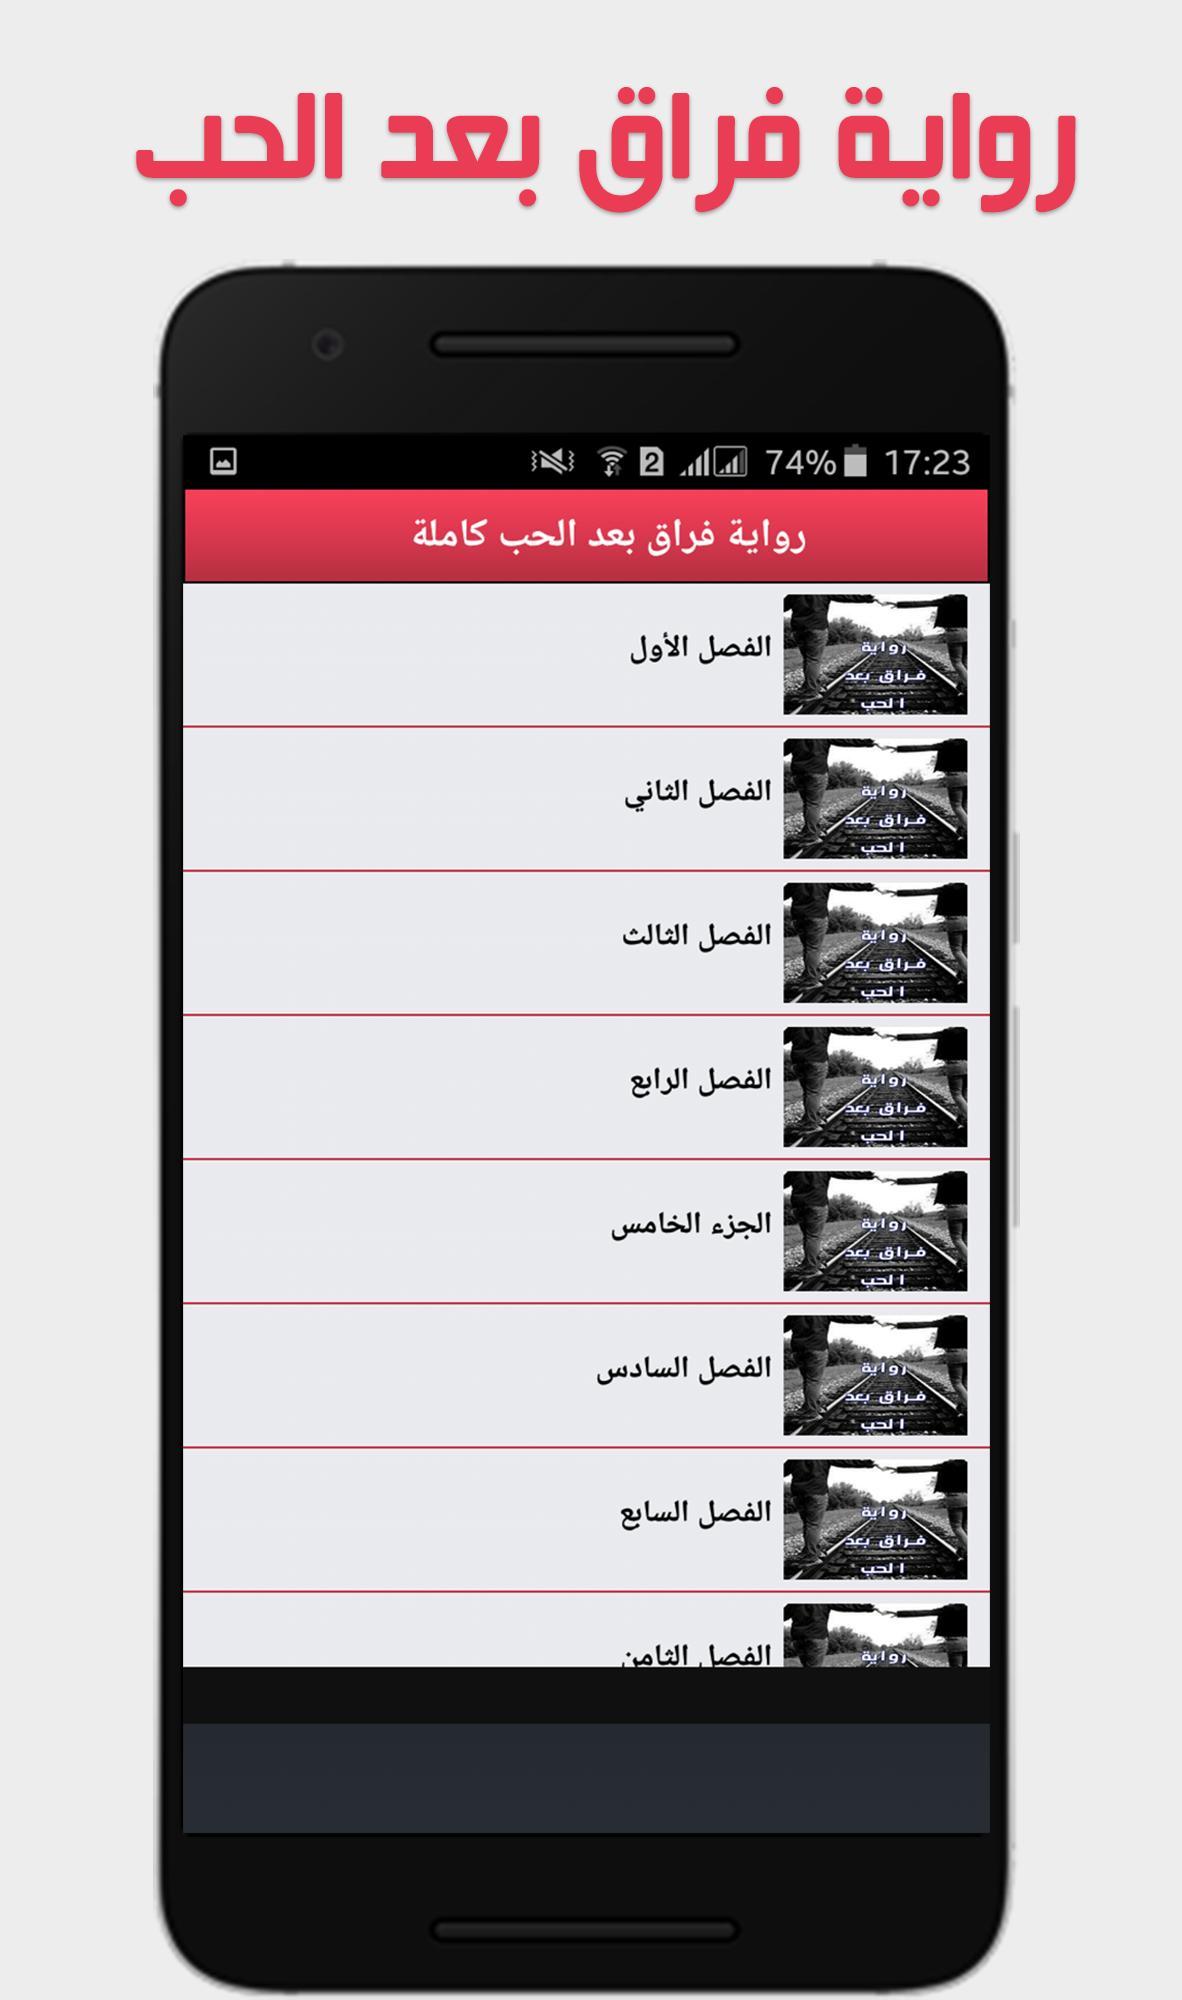 رواية فراق بعد الحب رواية رومانسية For Android Apk Download